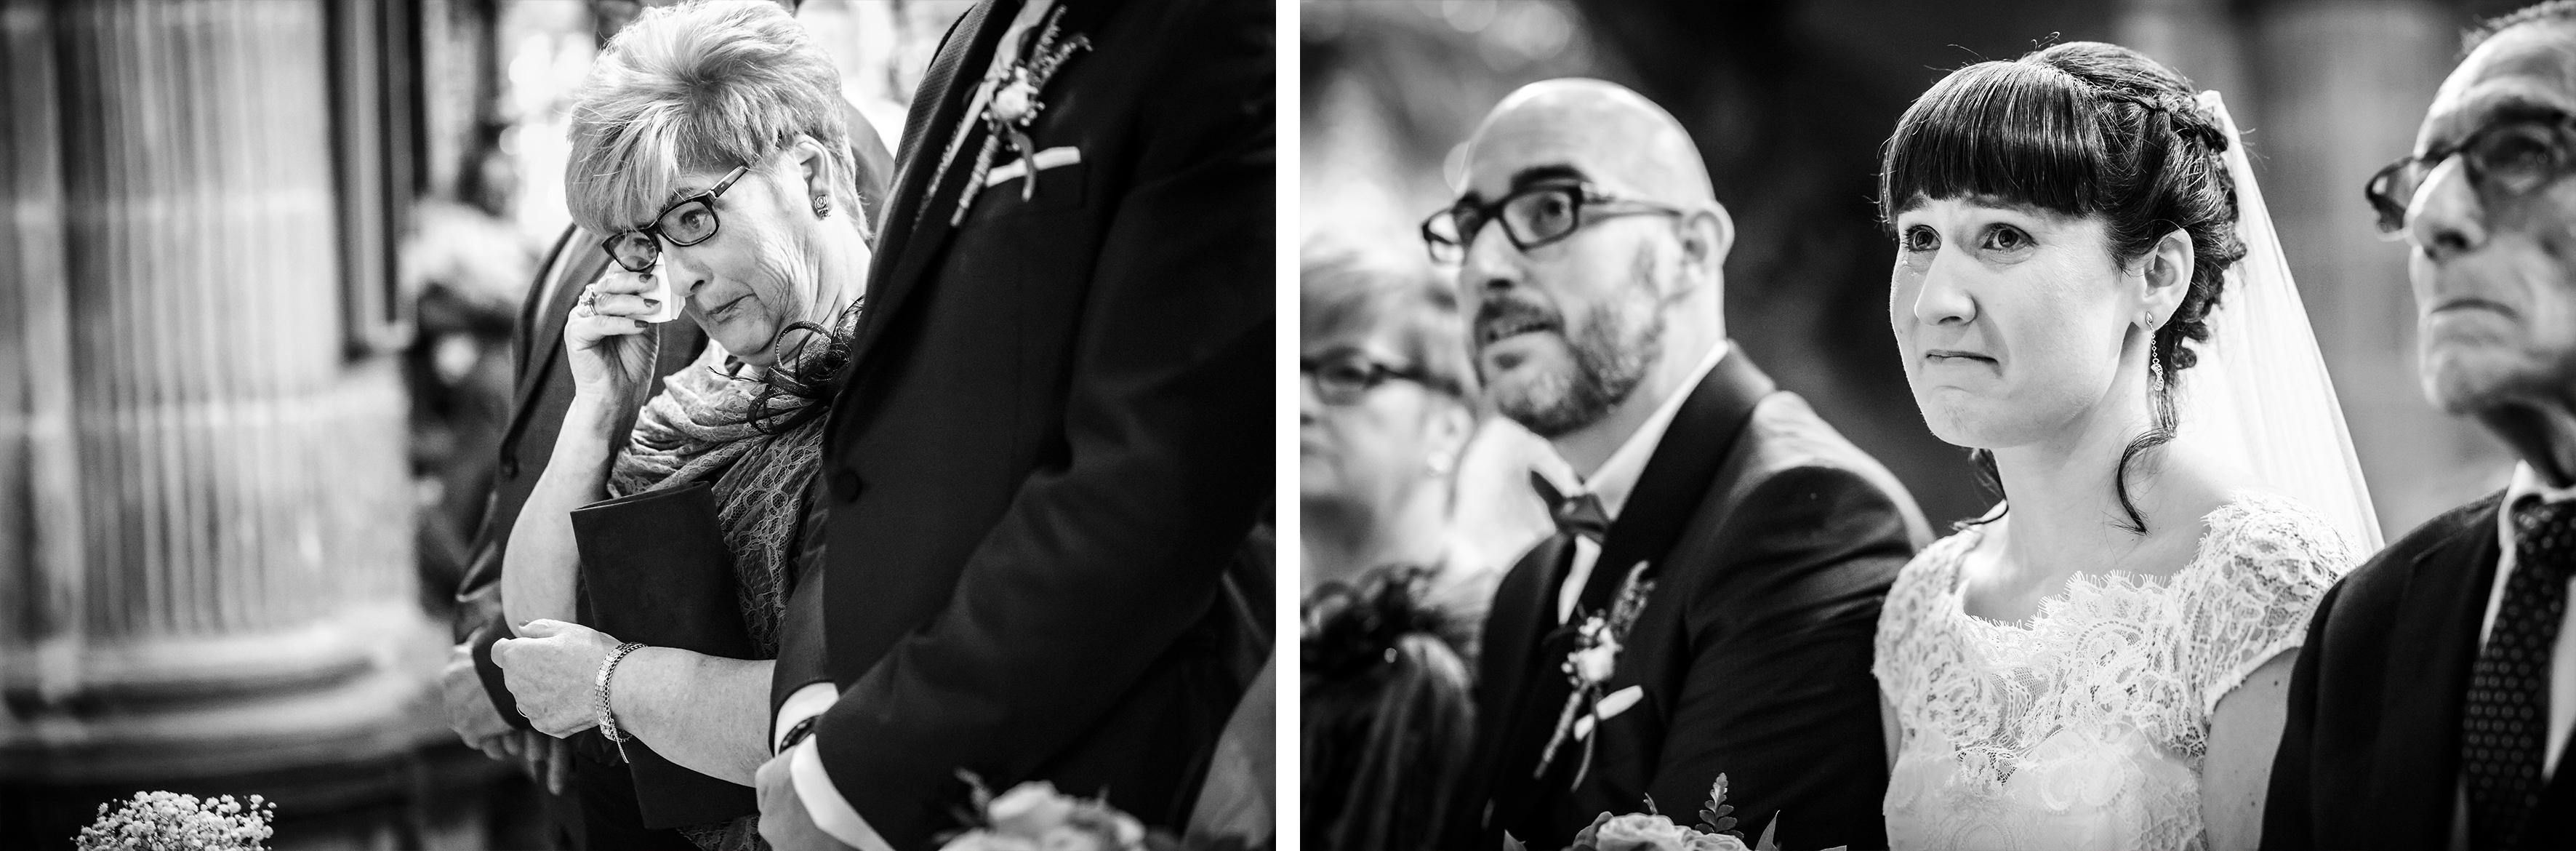 la madre del novio y los novios emocionados durante la ceremonia en una boda en laguardia